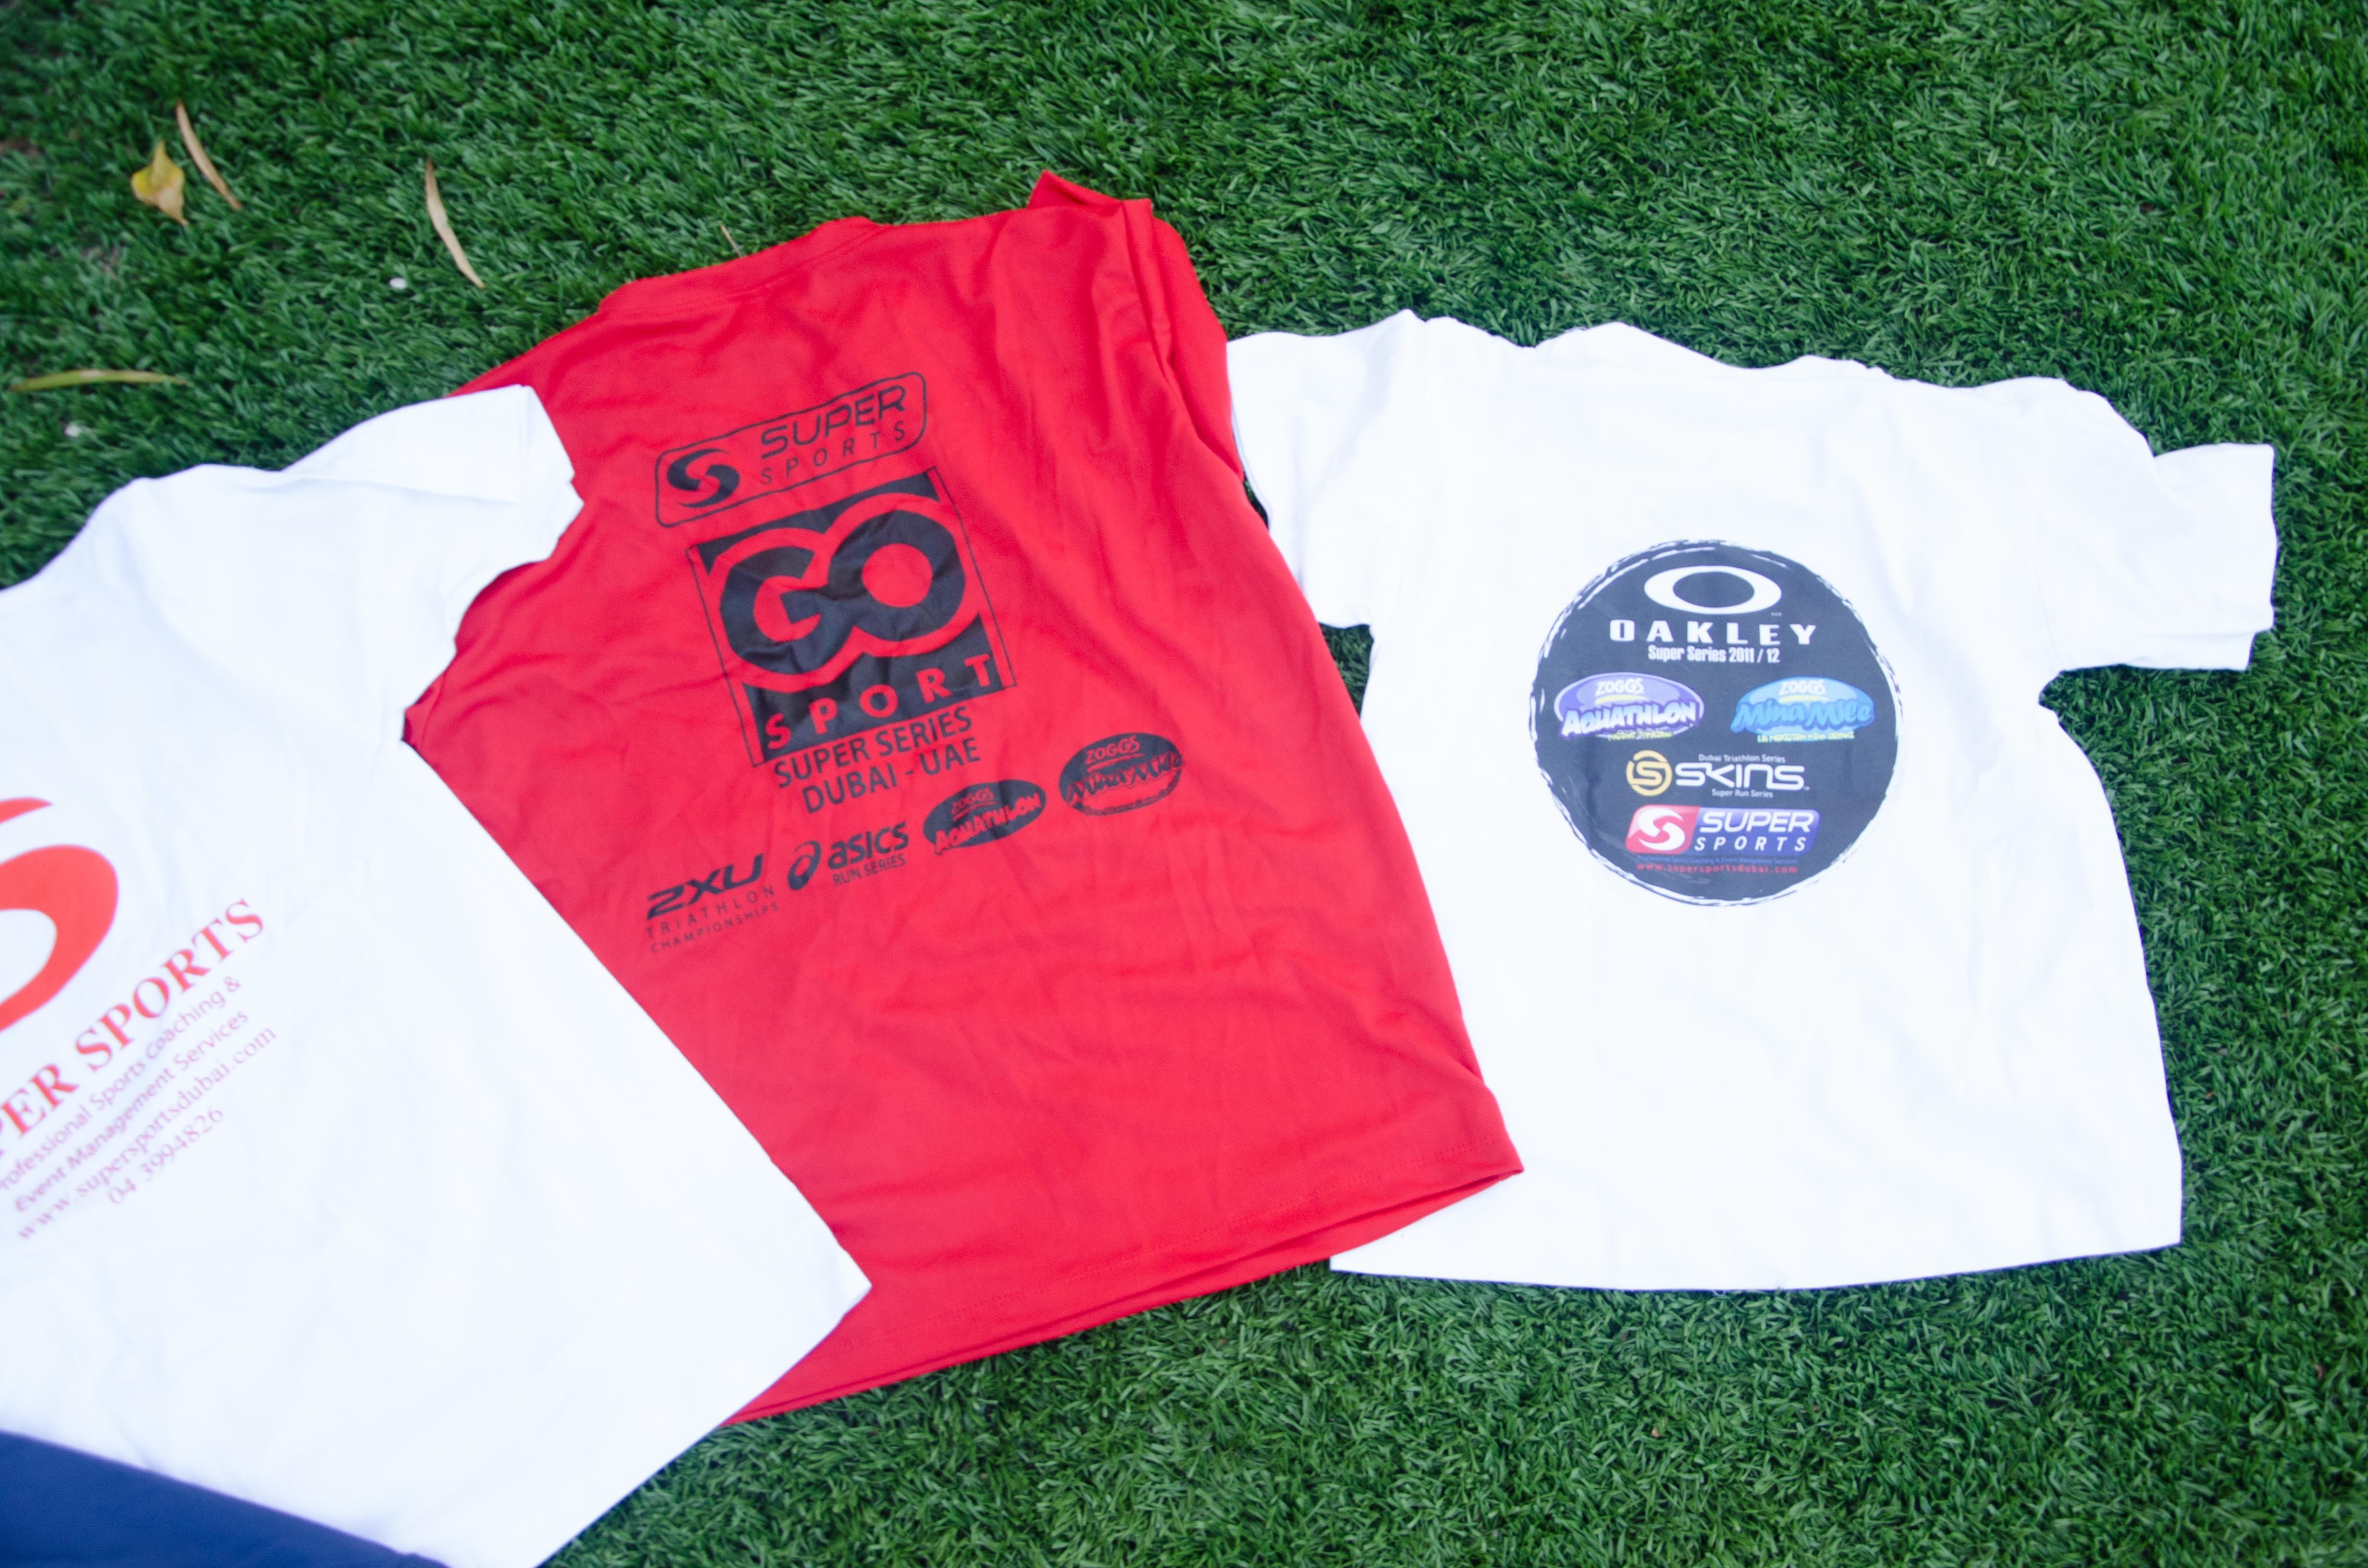 finishers Tshirt 3 race merchandise